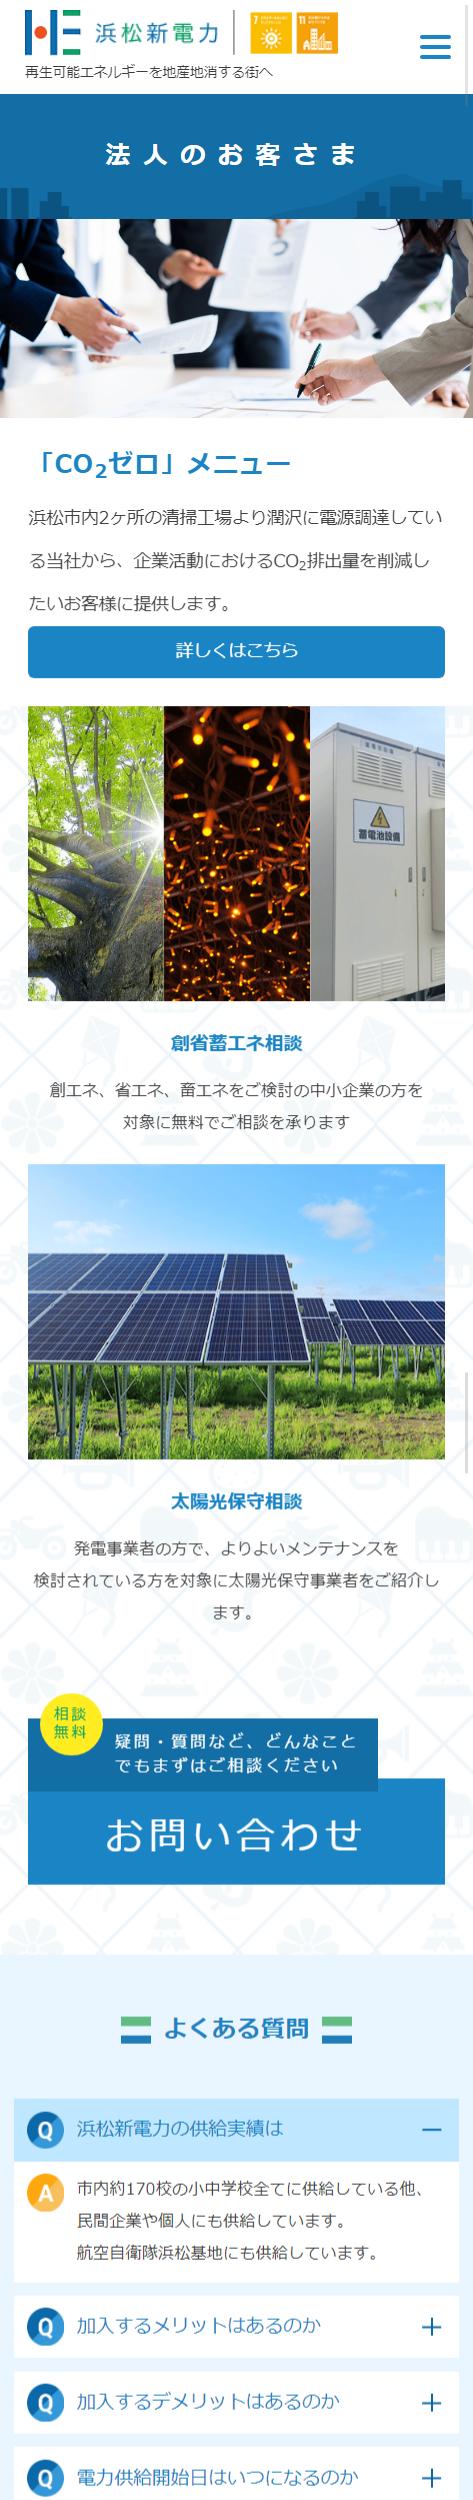 株式会社浜松新電力様